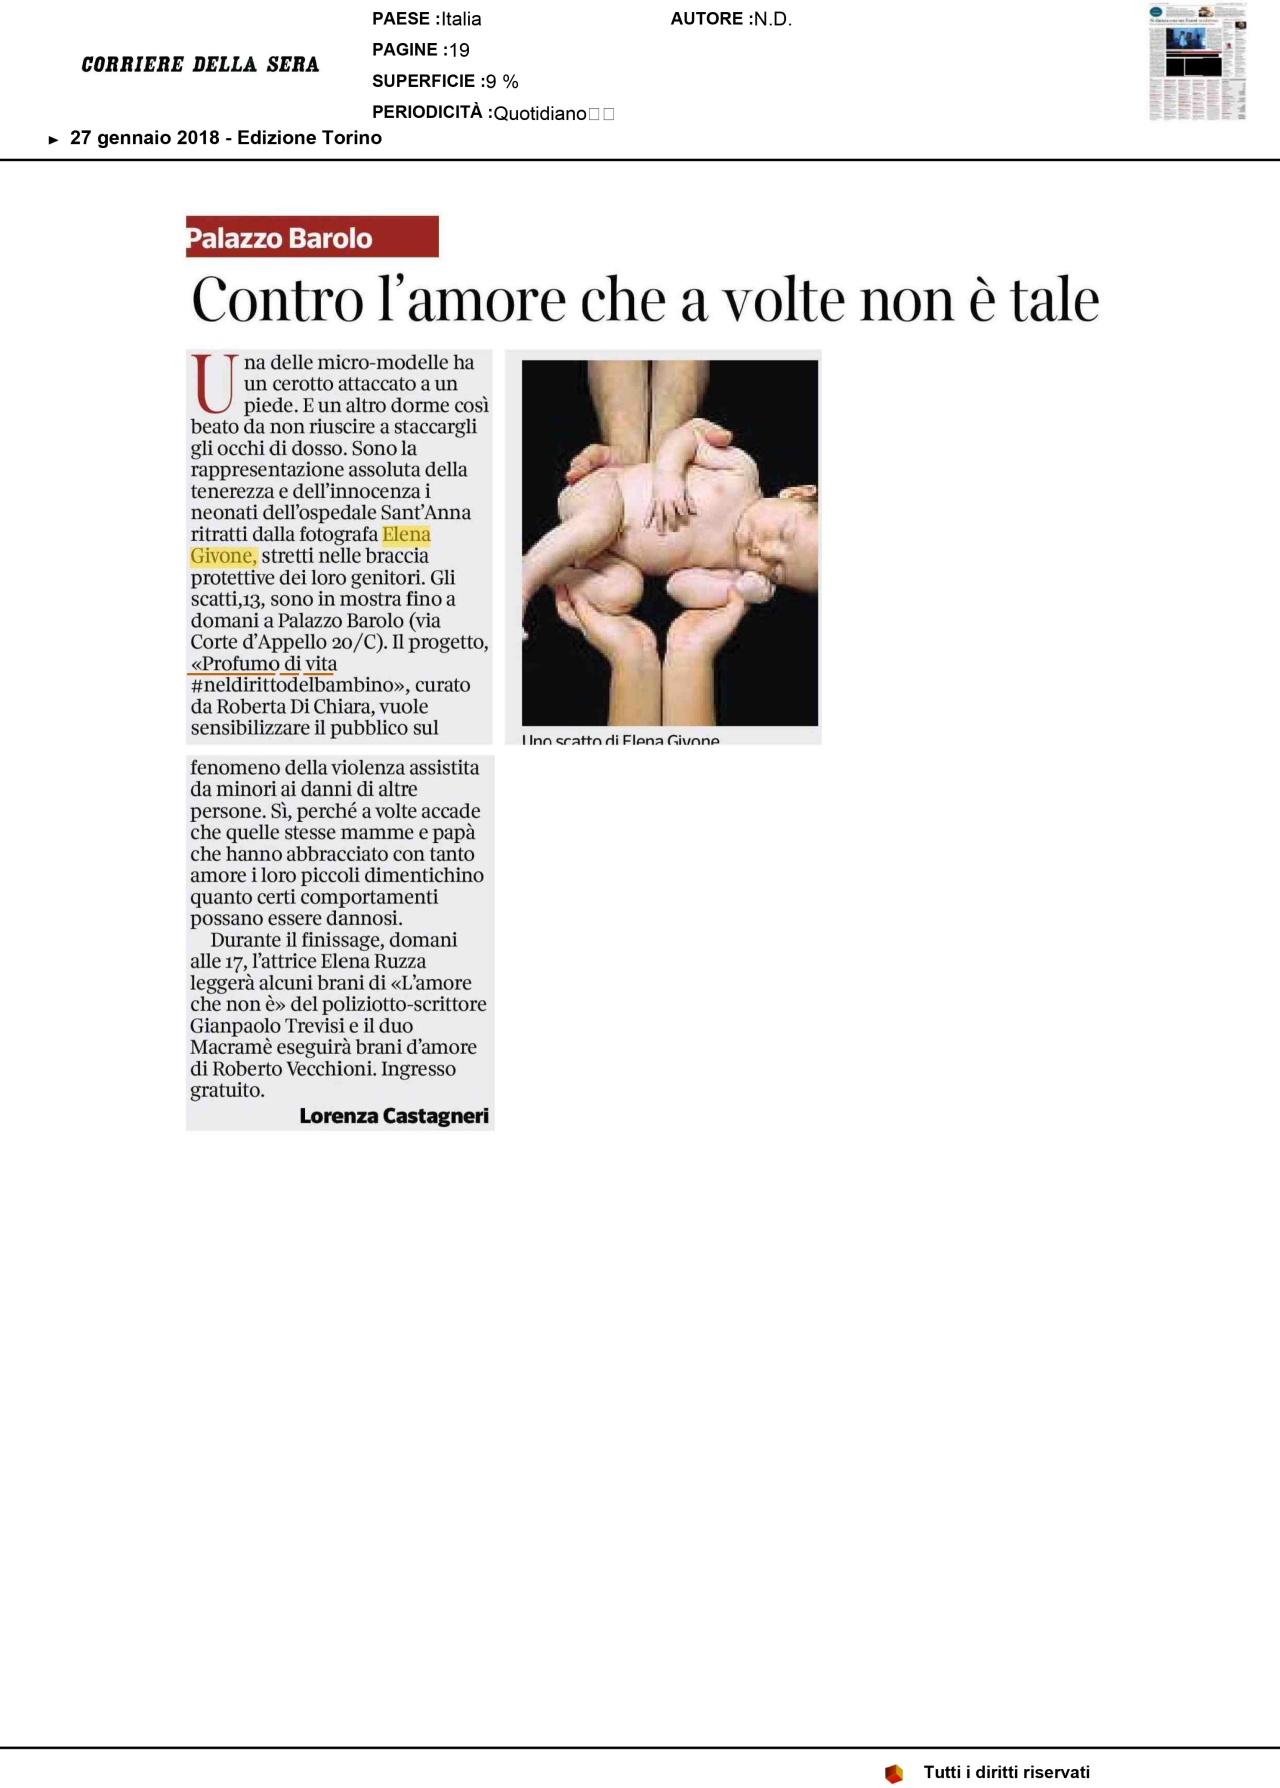 Corriere_della_Sera_Torino_Torino_27.01.17.jpg